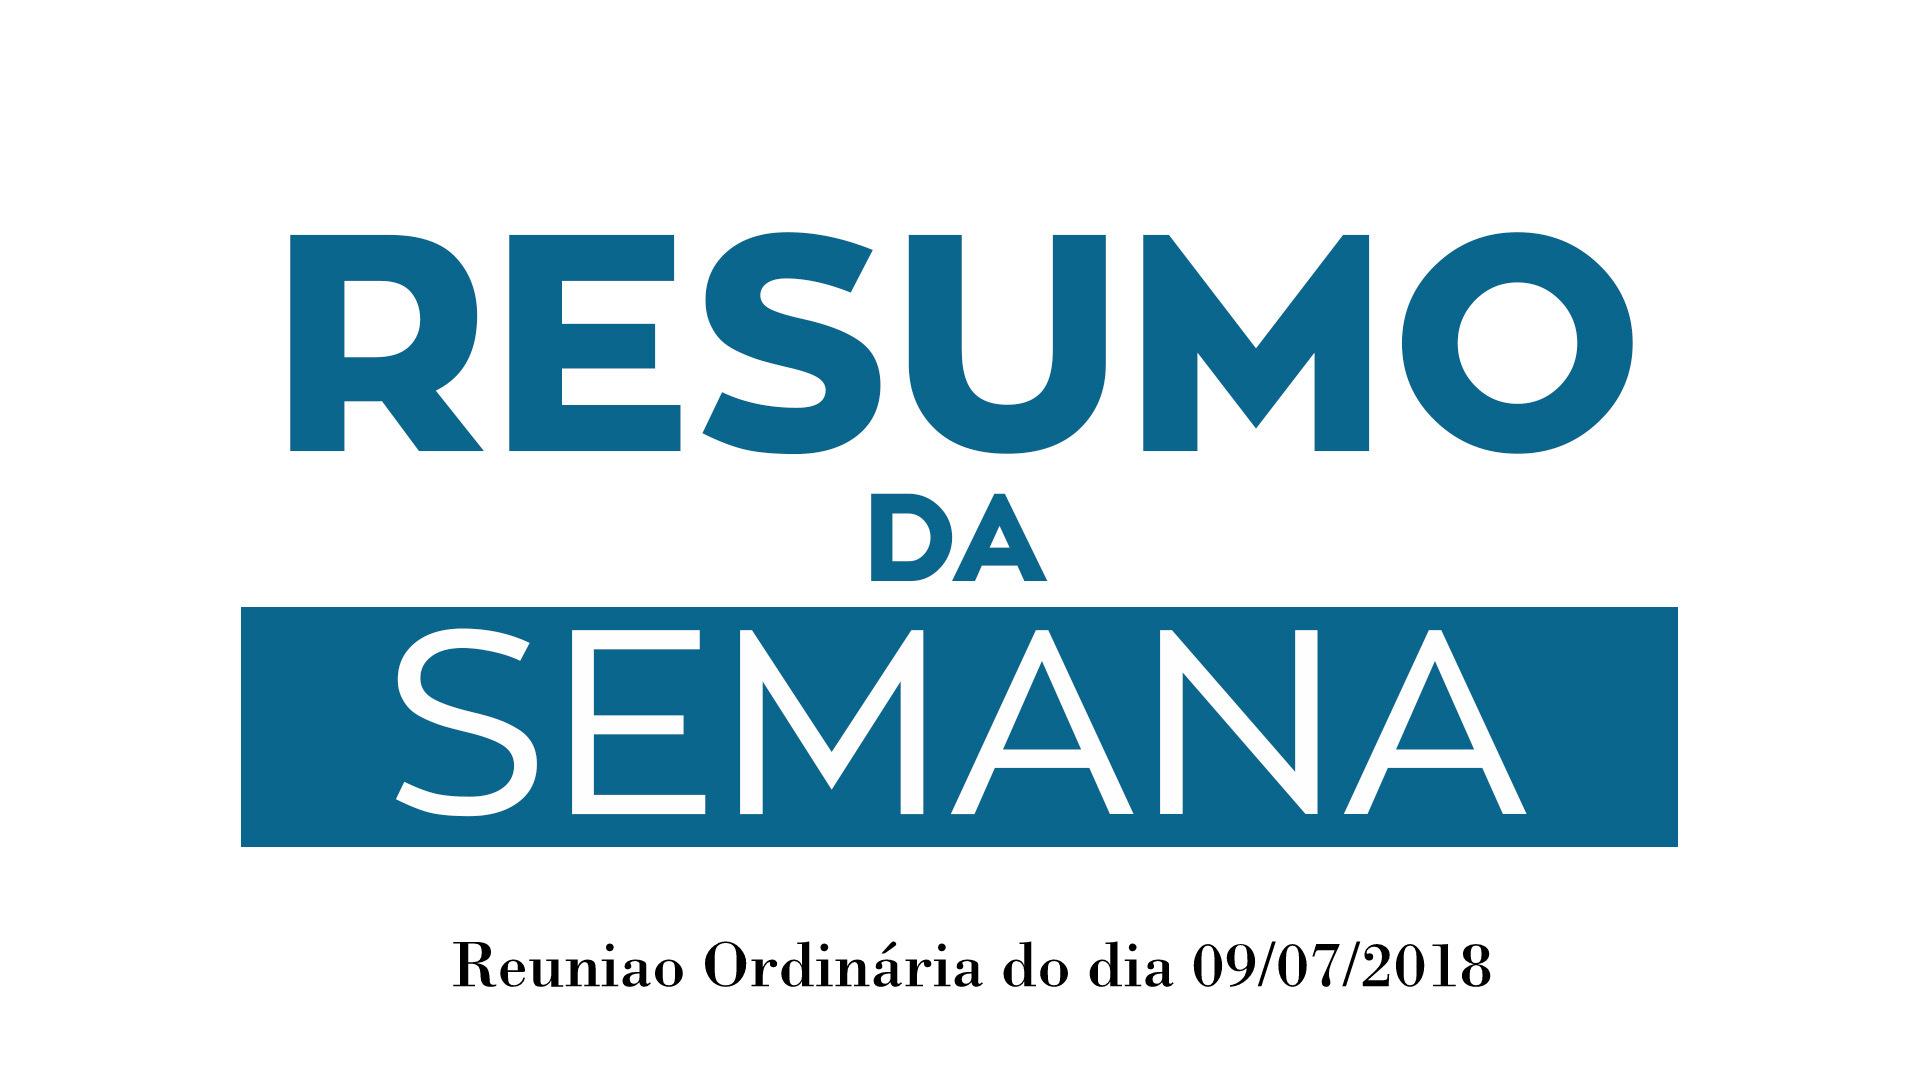 RESUMO DA REUNIÃO ORDINÁRIA DO DIA 09 DE JULHO DE 2018